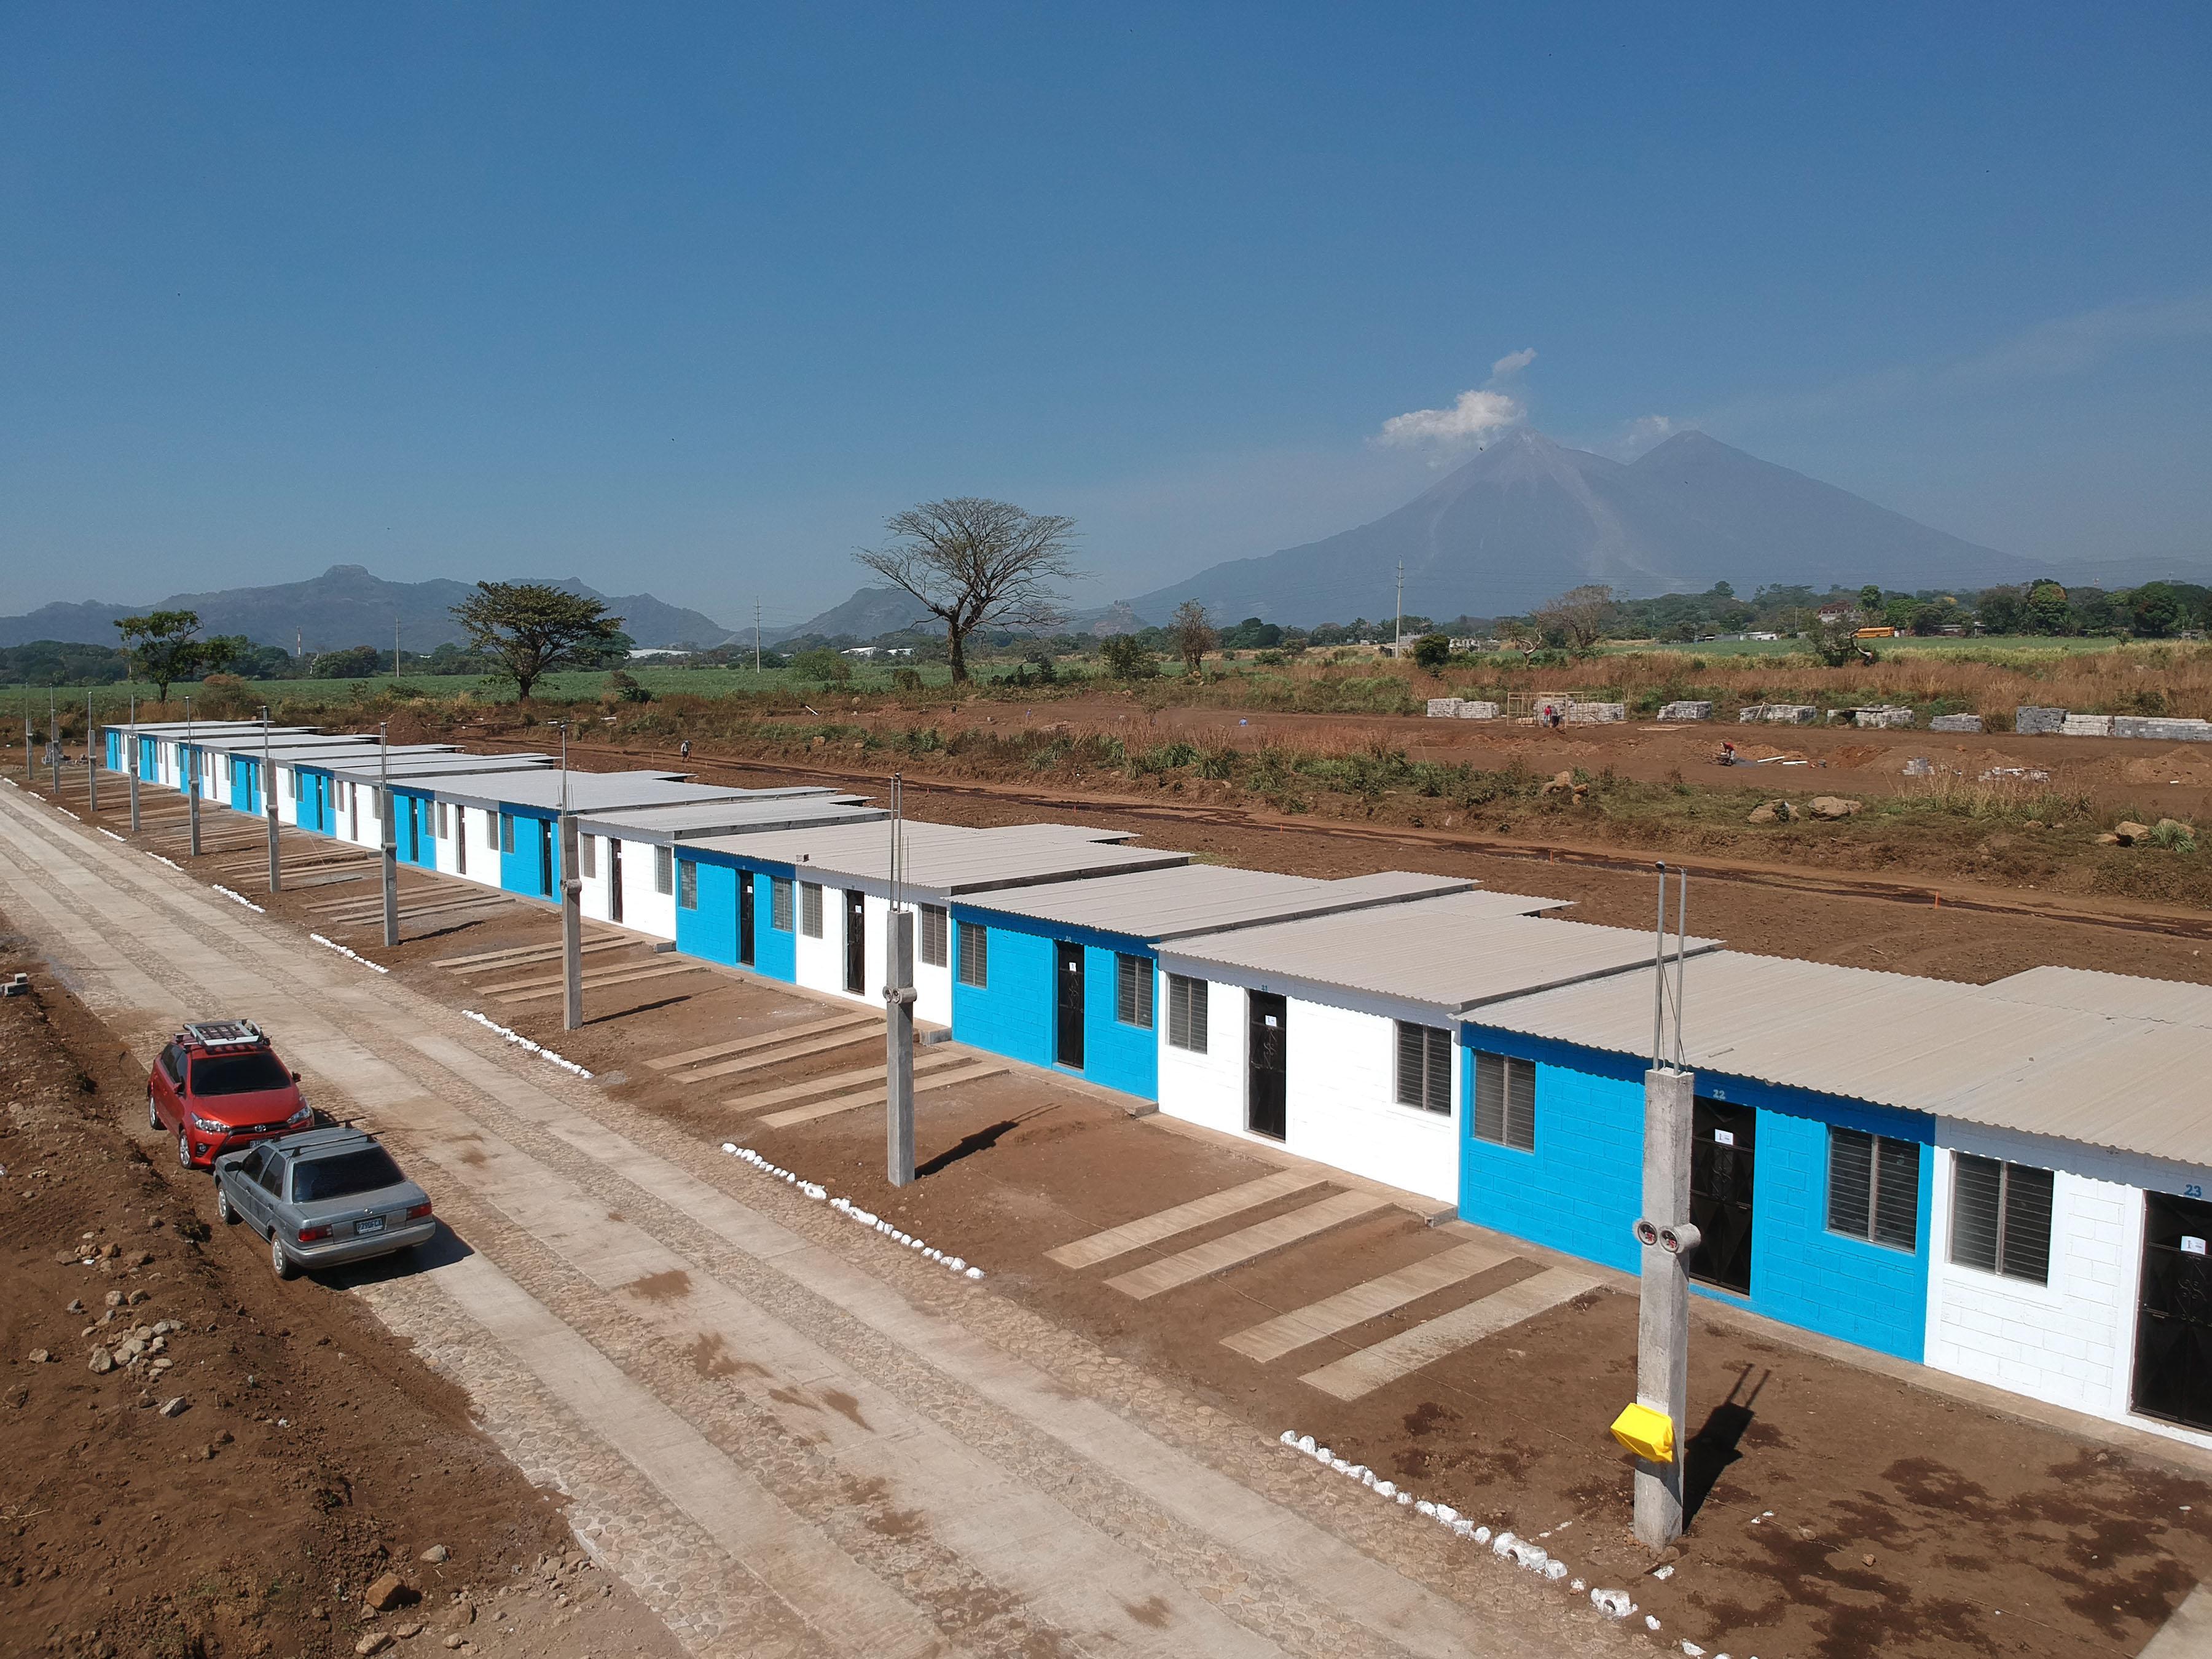 Área donde fueron construidas las viviendas para los damnificados por el Volcán de Fuego. (Foto Prensa Libre: Enrique Paredes).